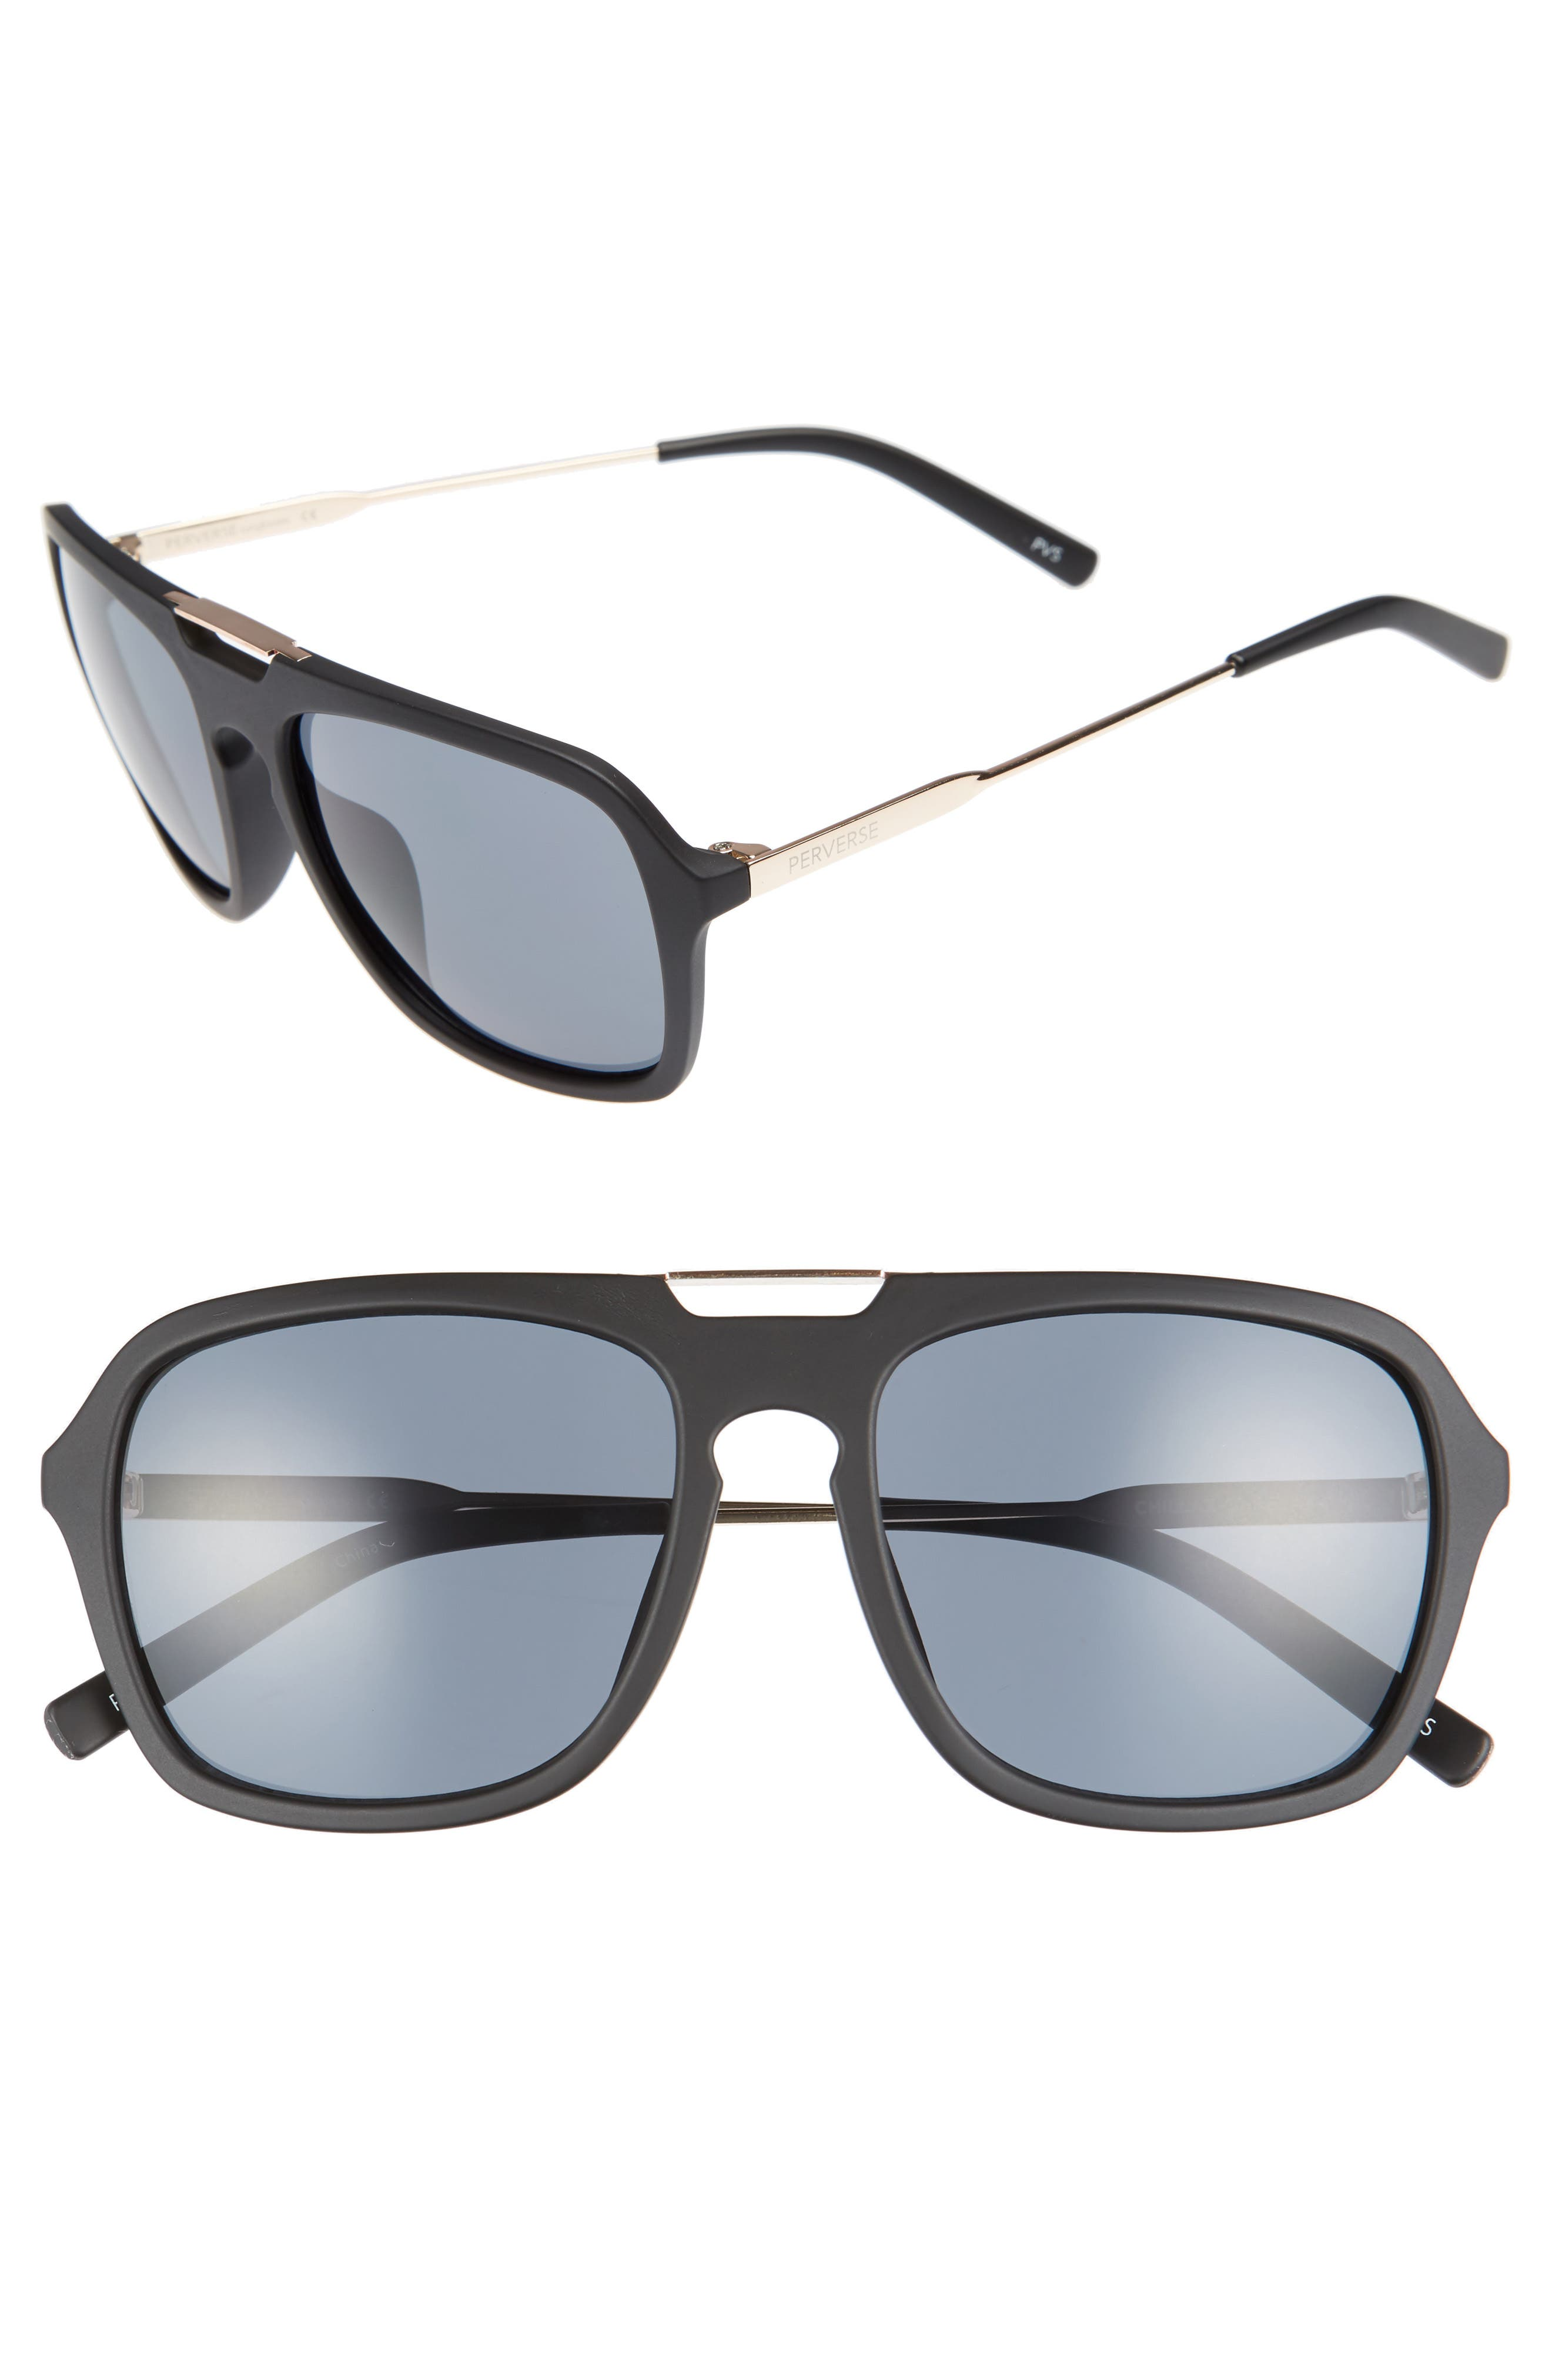 Chillax 55mm Polarized Aviator Sunglasses,                         Main,                         color, 001